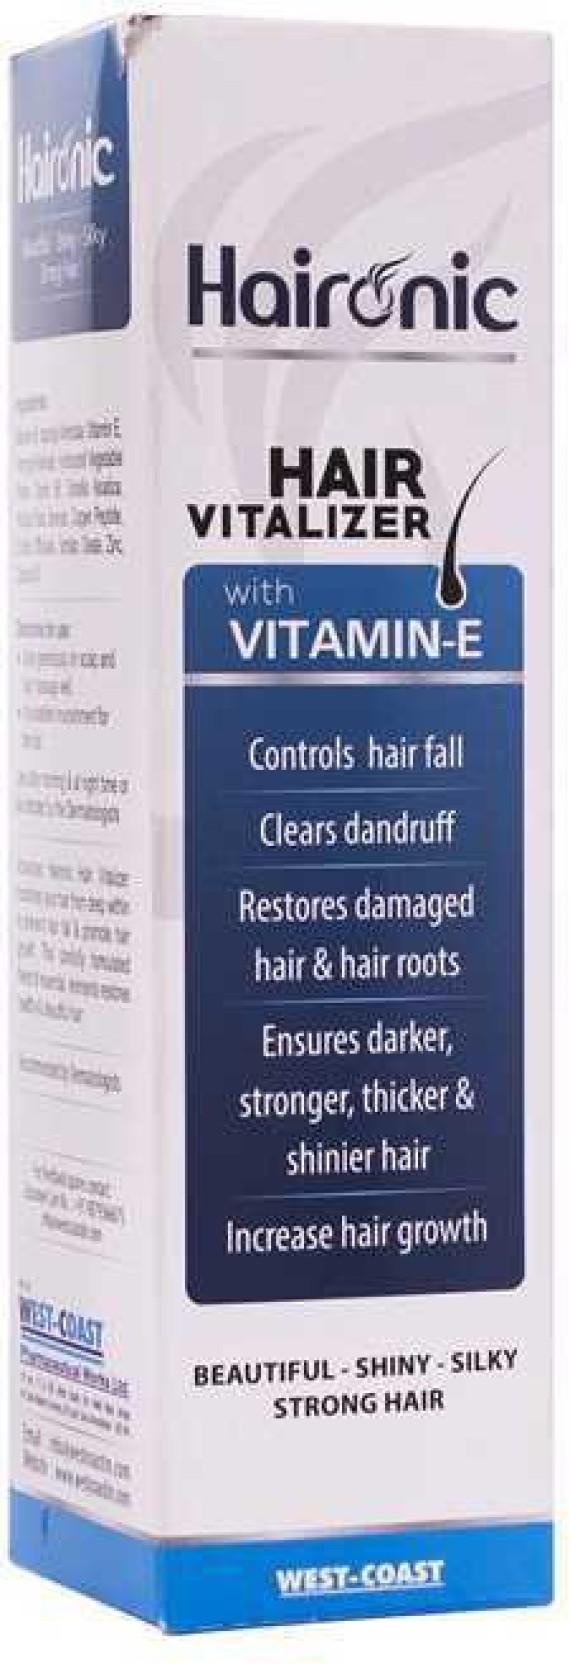 West Coast Haironic Hair Vitalizer